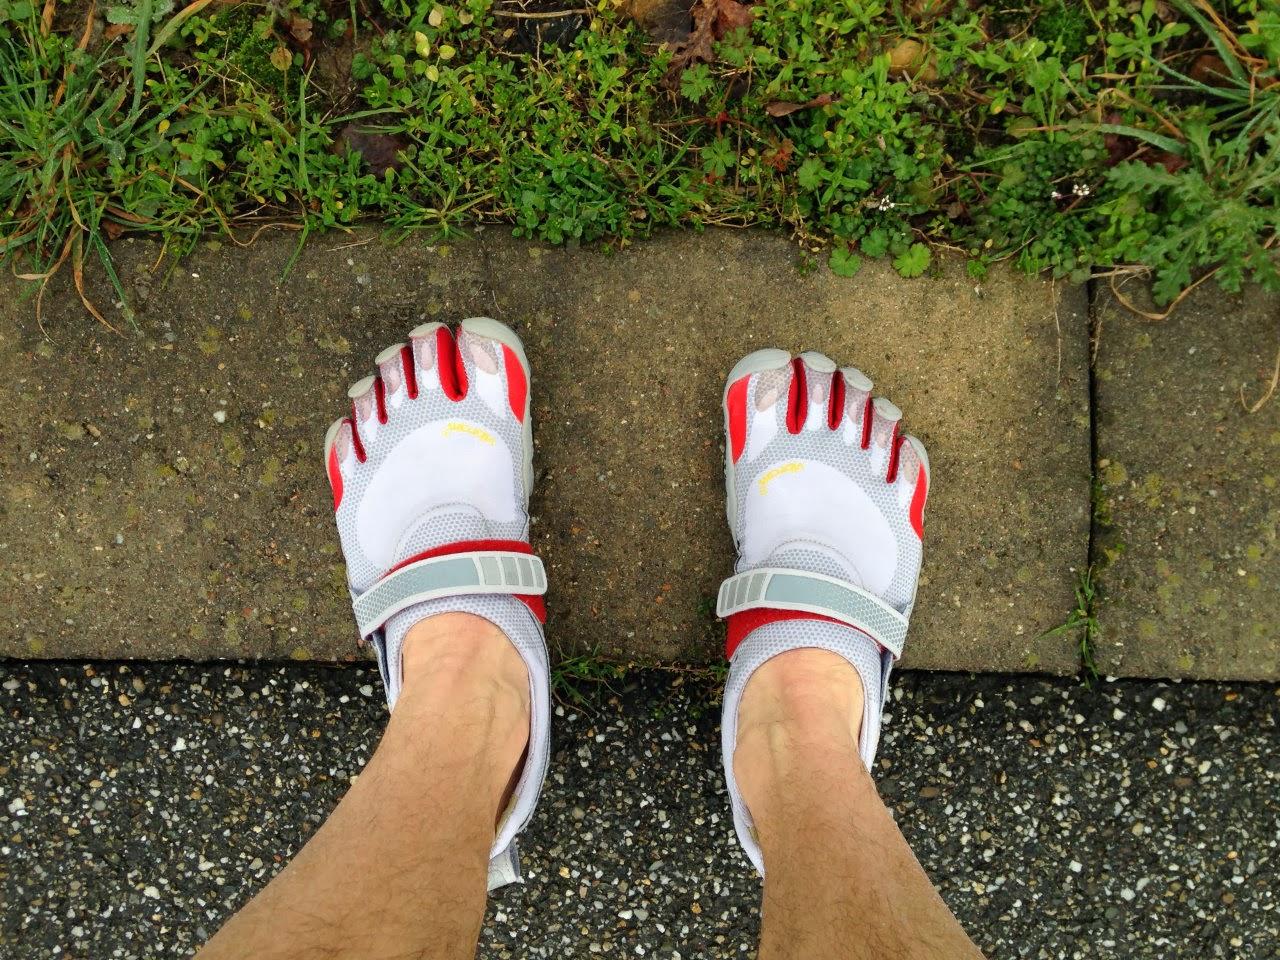 timeless design 1489d 1c688 scarpe per correre su asfalto, Mizuno Shop Online Italia ...